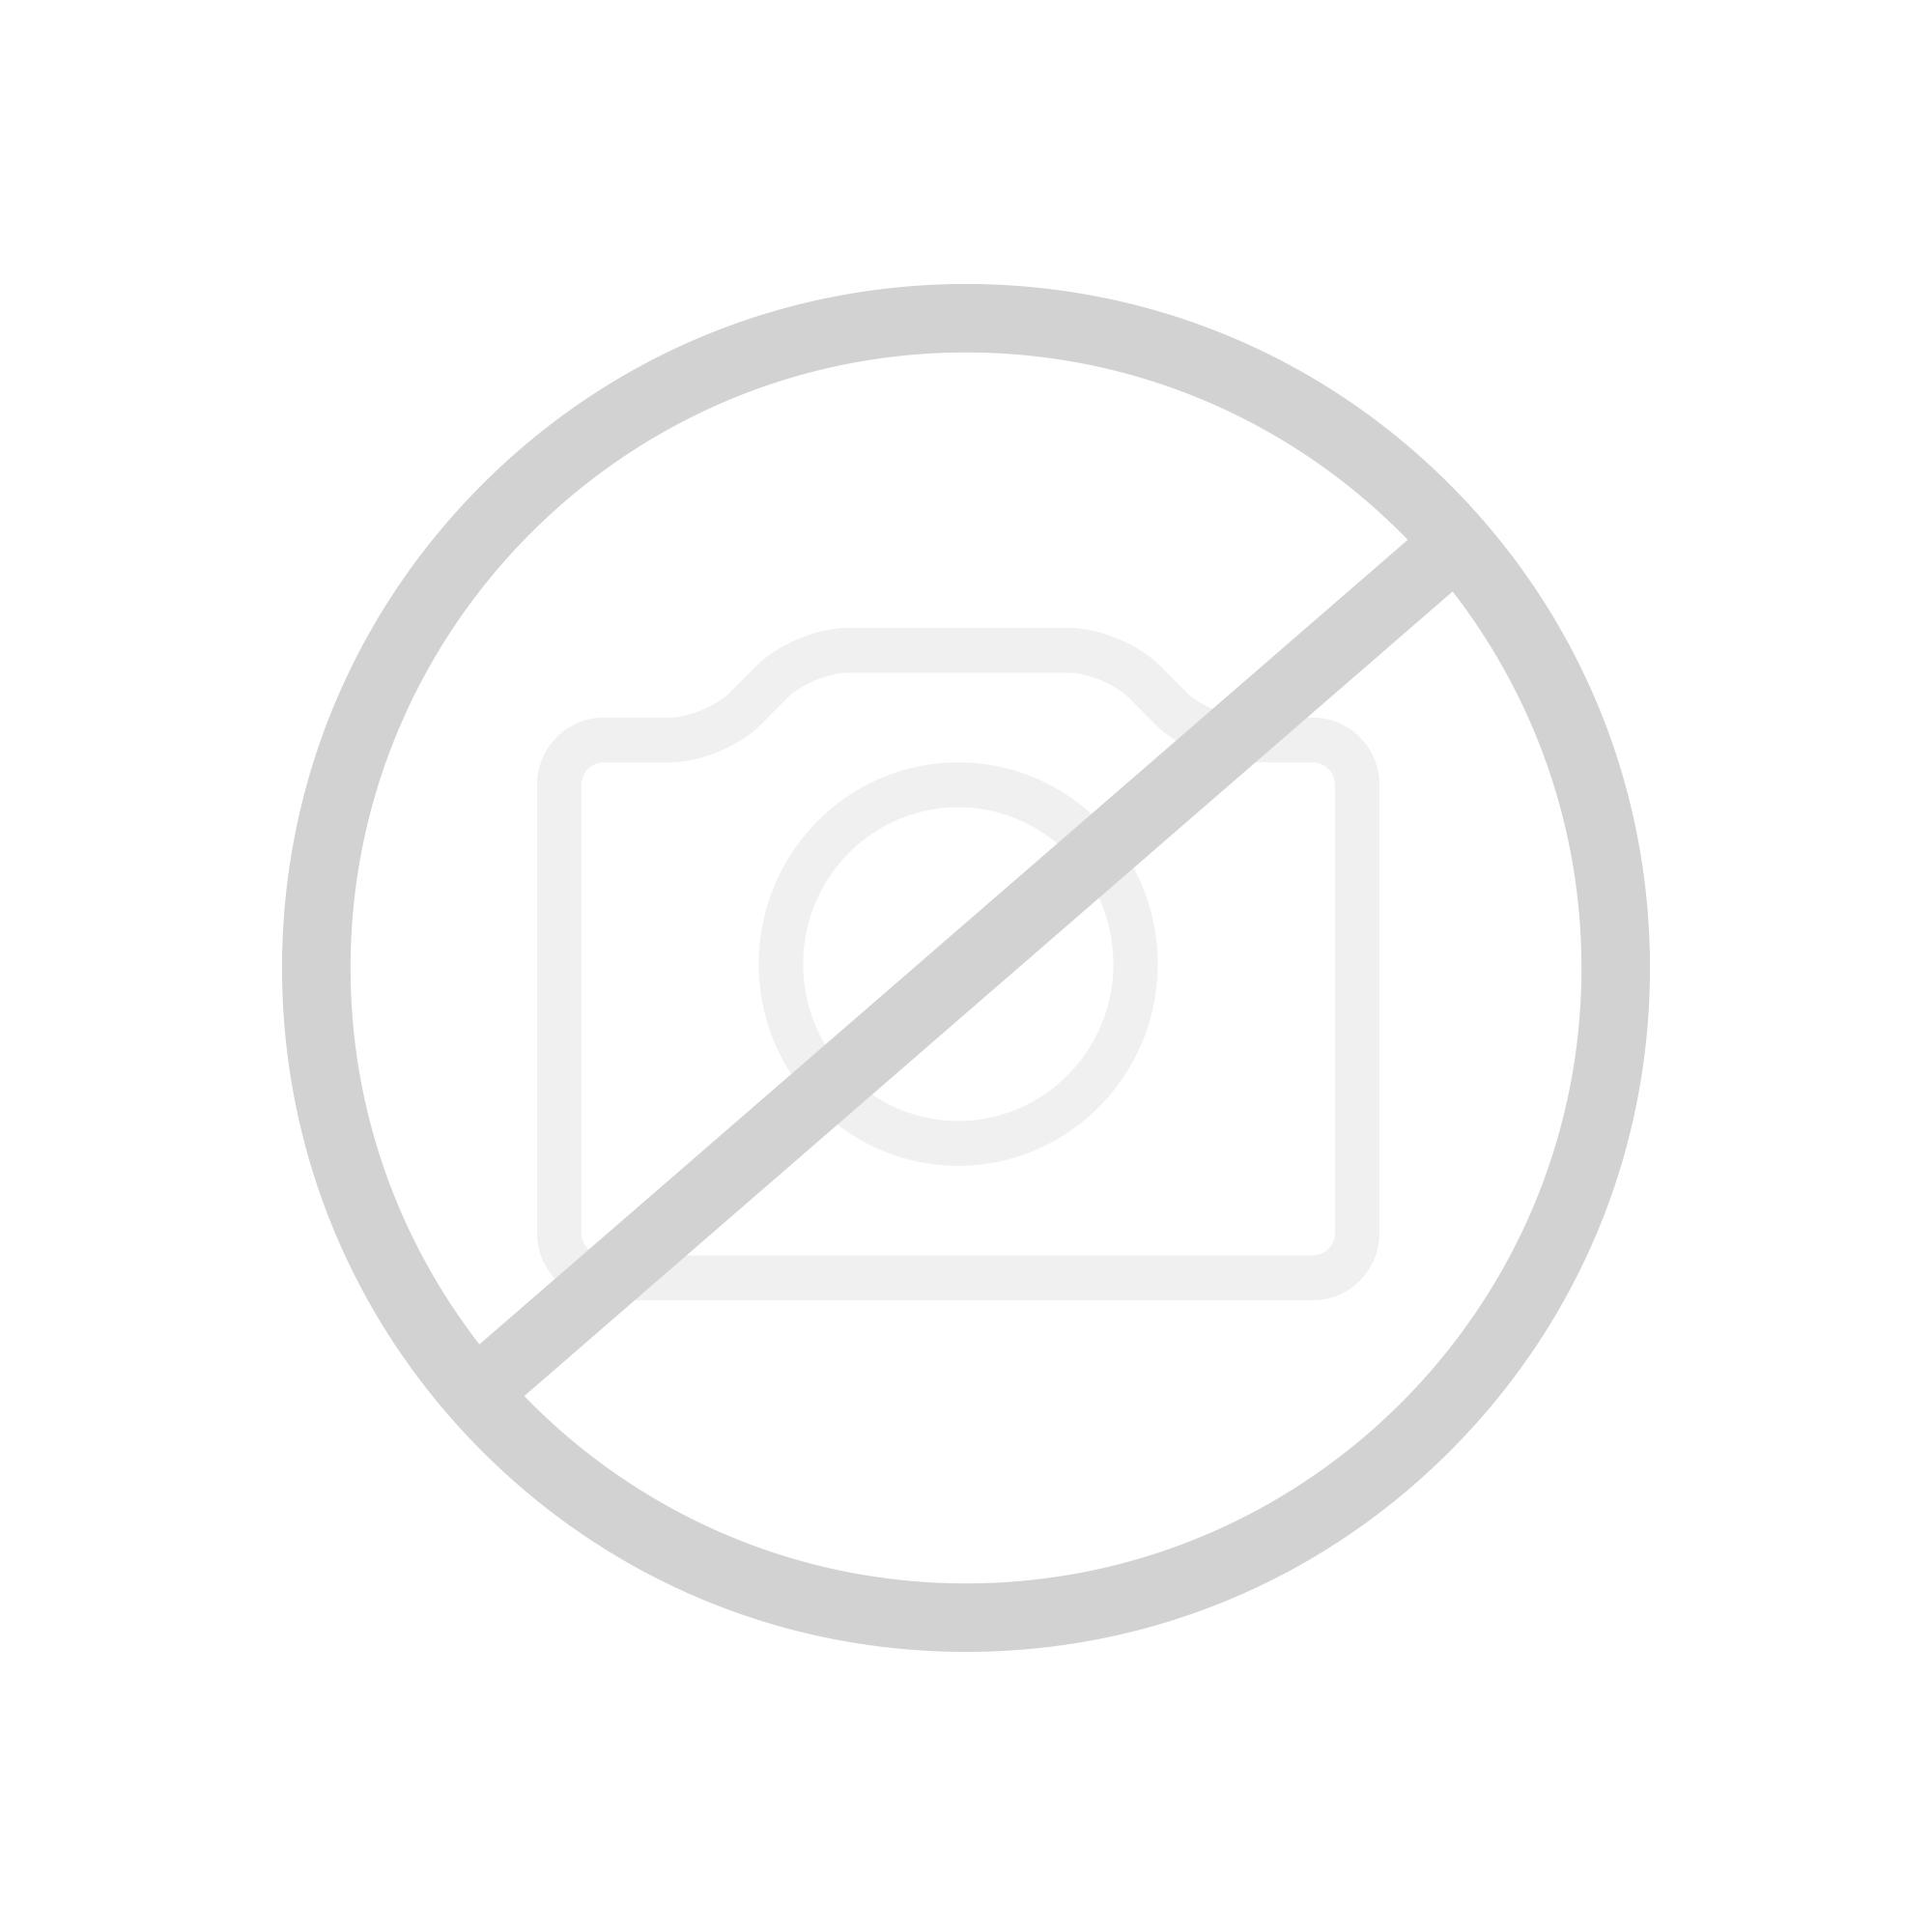 Geberit PE Anschlussgarnitur für Wand-WC Ø 9 L: 30 cm